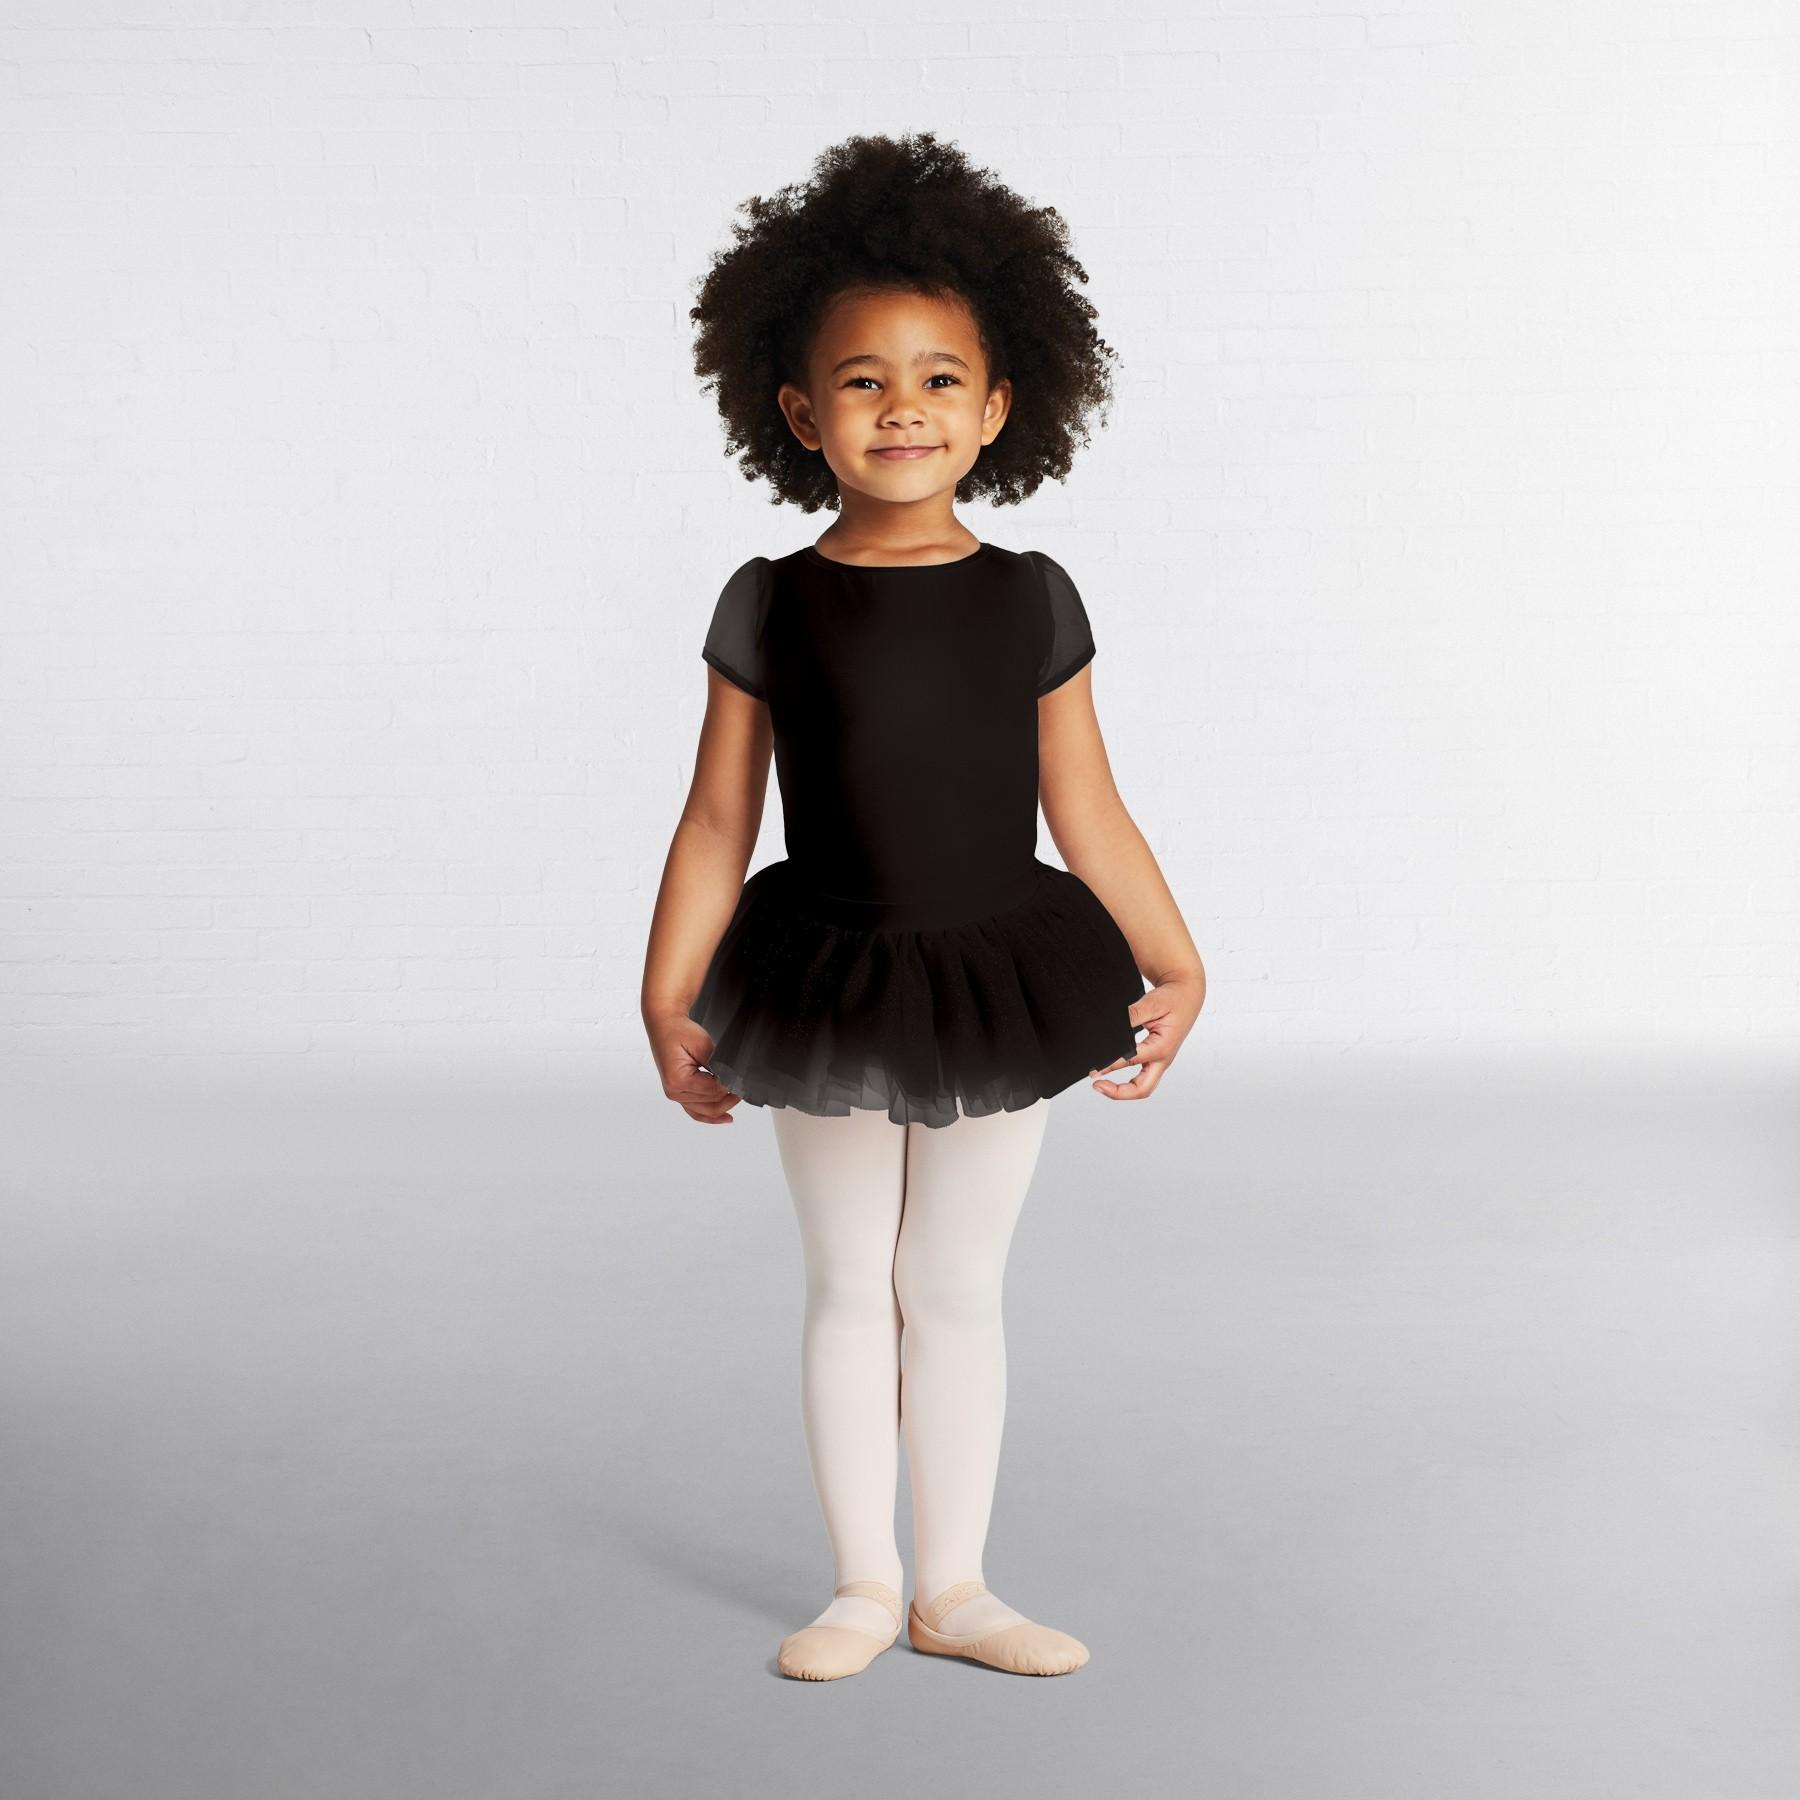 Capezio Glitter Tutu Skirt (Black)